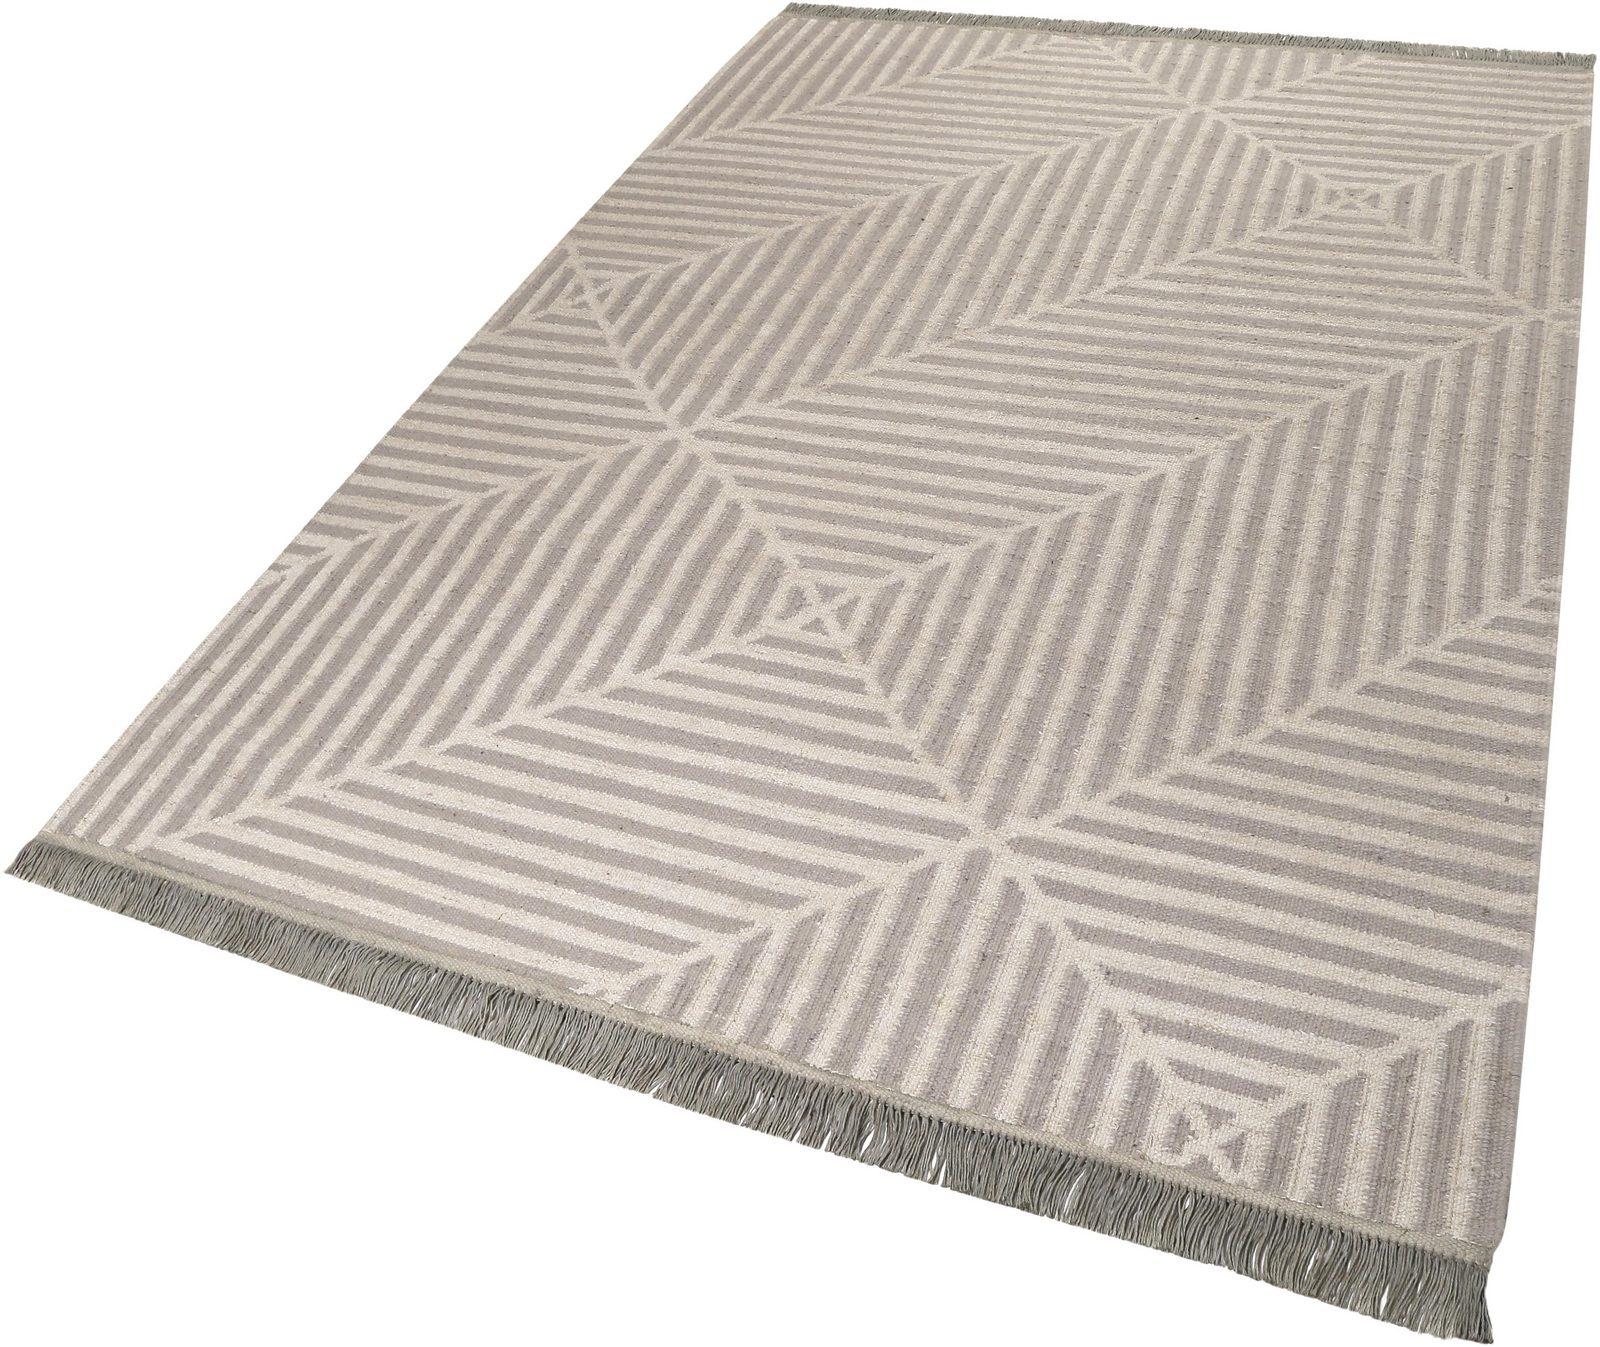 Teppich »Irregular Fields«, carpets&co, rechteckig, Höhe 5 mm - broschei